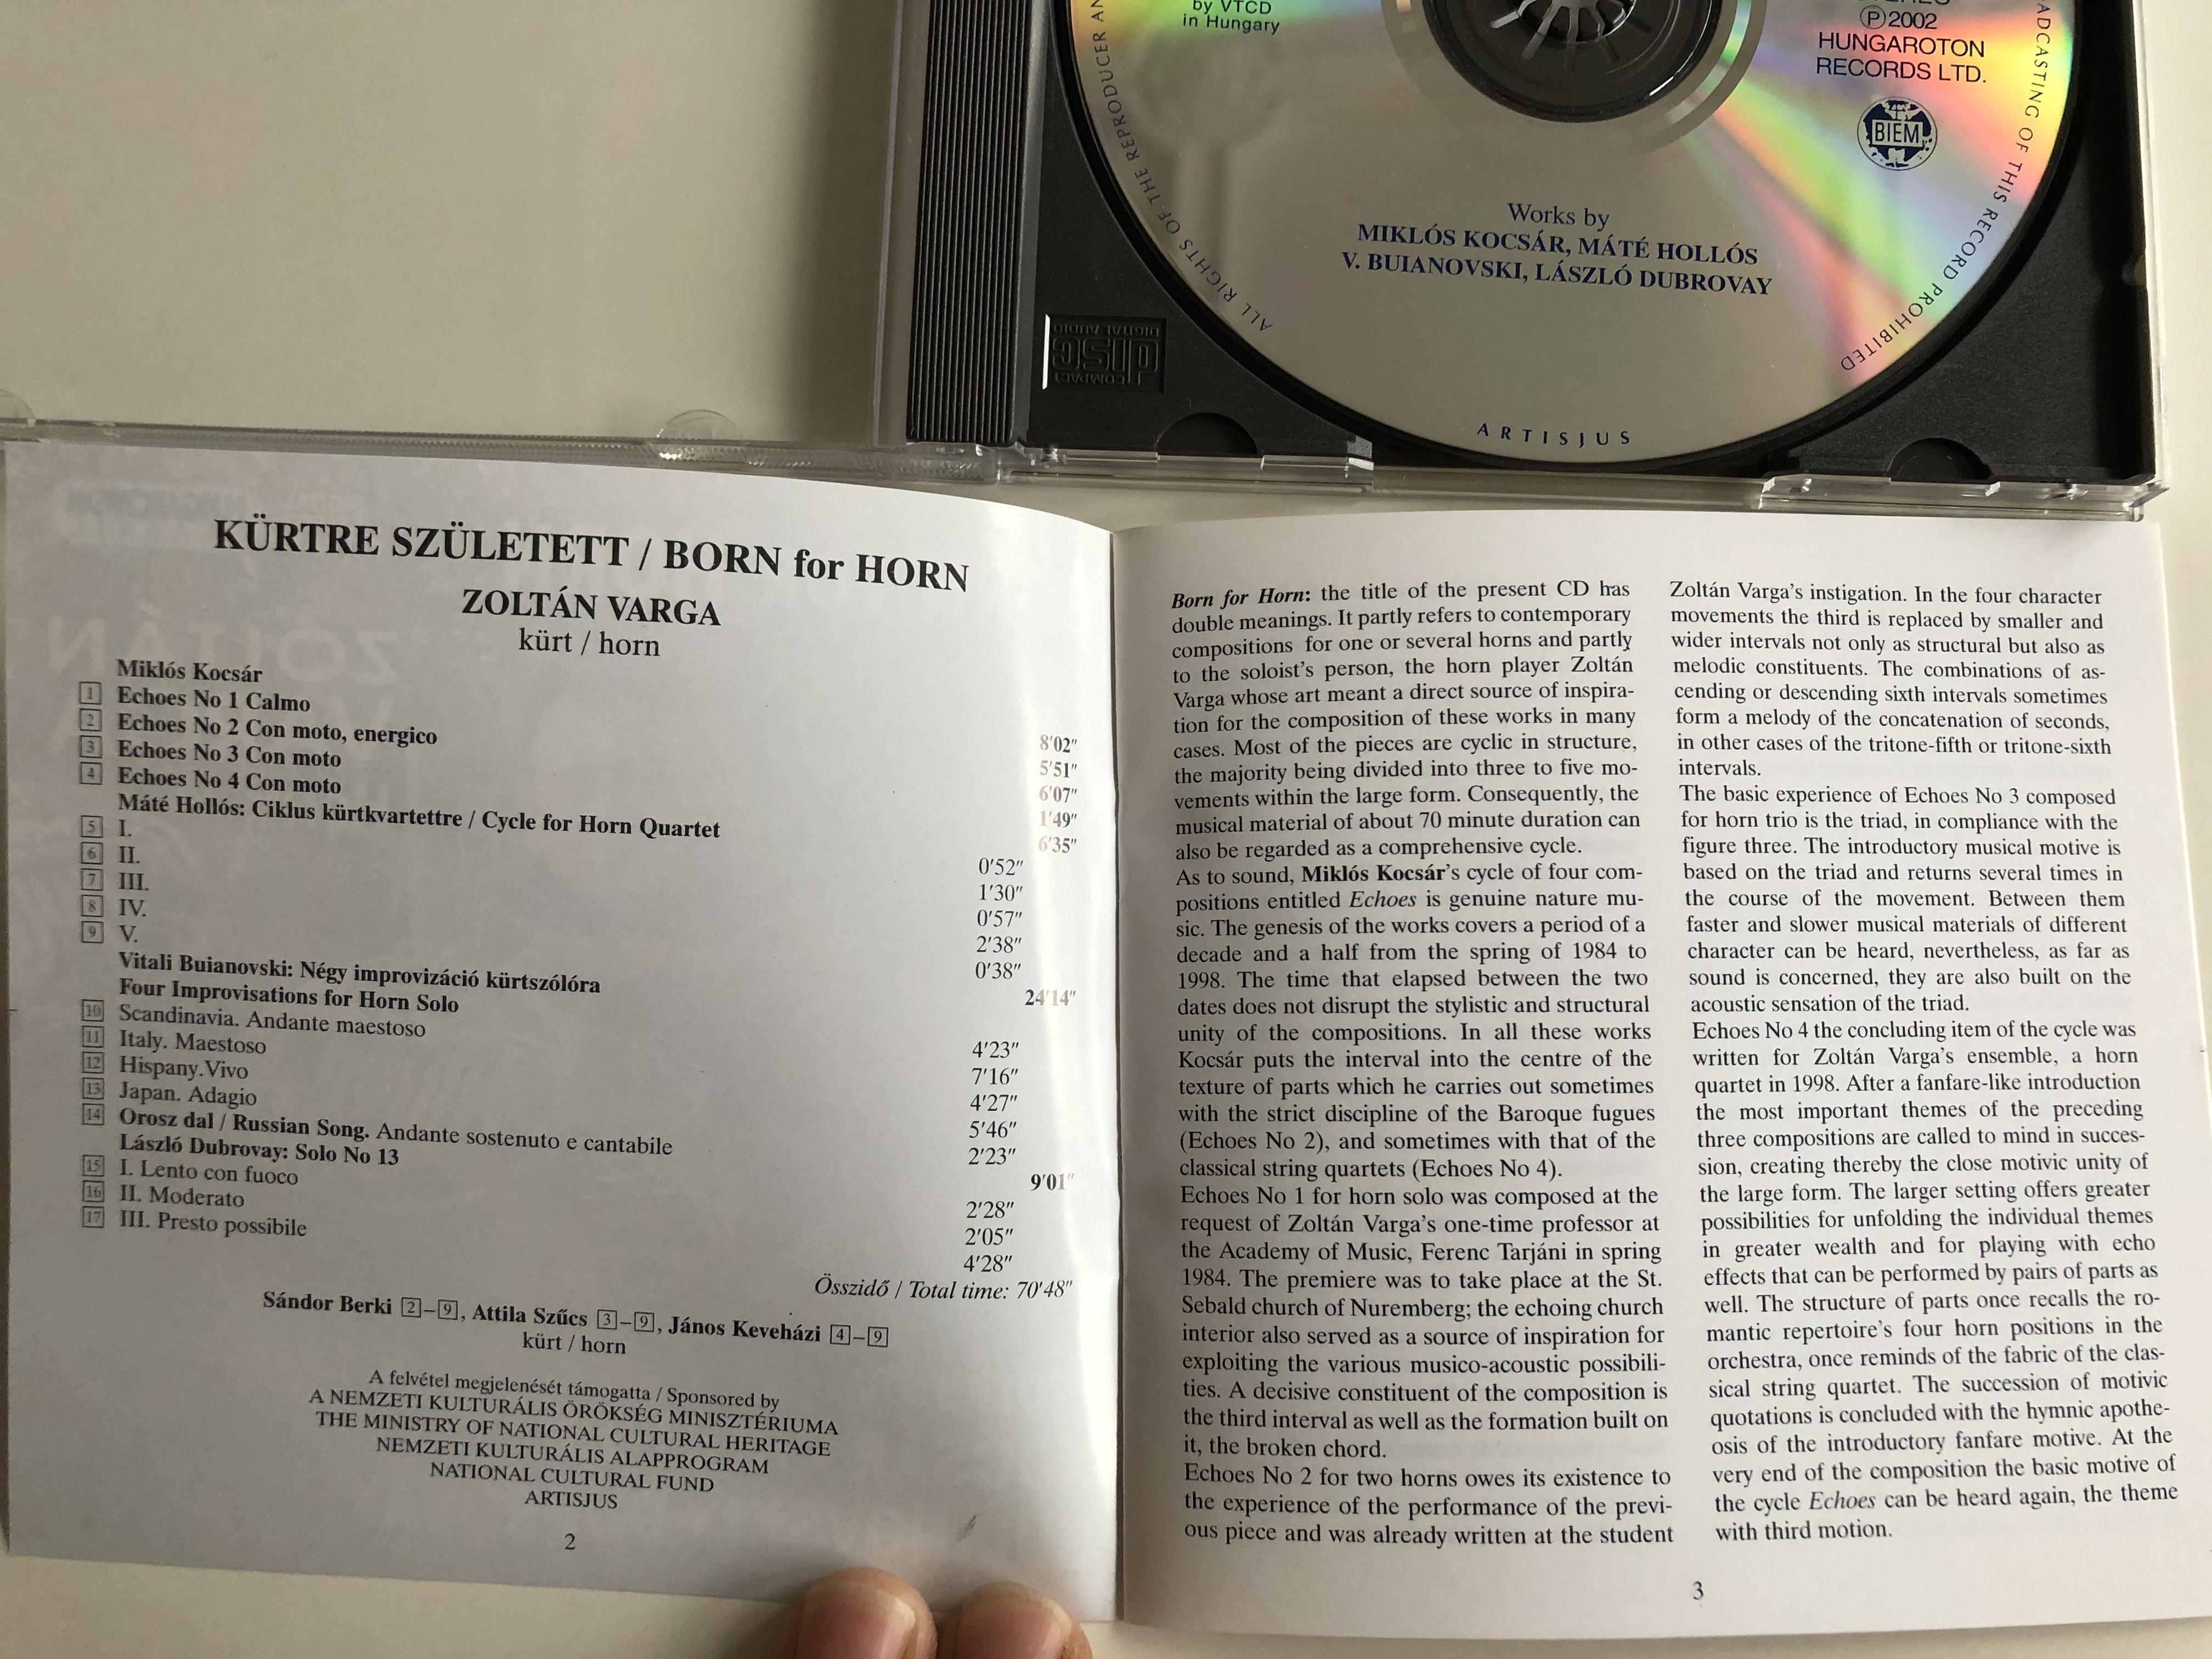 born-for-horn-zolt-n-varga-horn-works-by-kocs-r-holl-s-buianovski-dubrovay-hungaroton-classic-audio-cd-2002-stereo-hcd-32176-3-.jpg